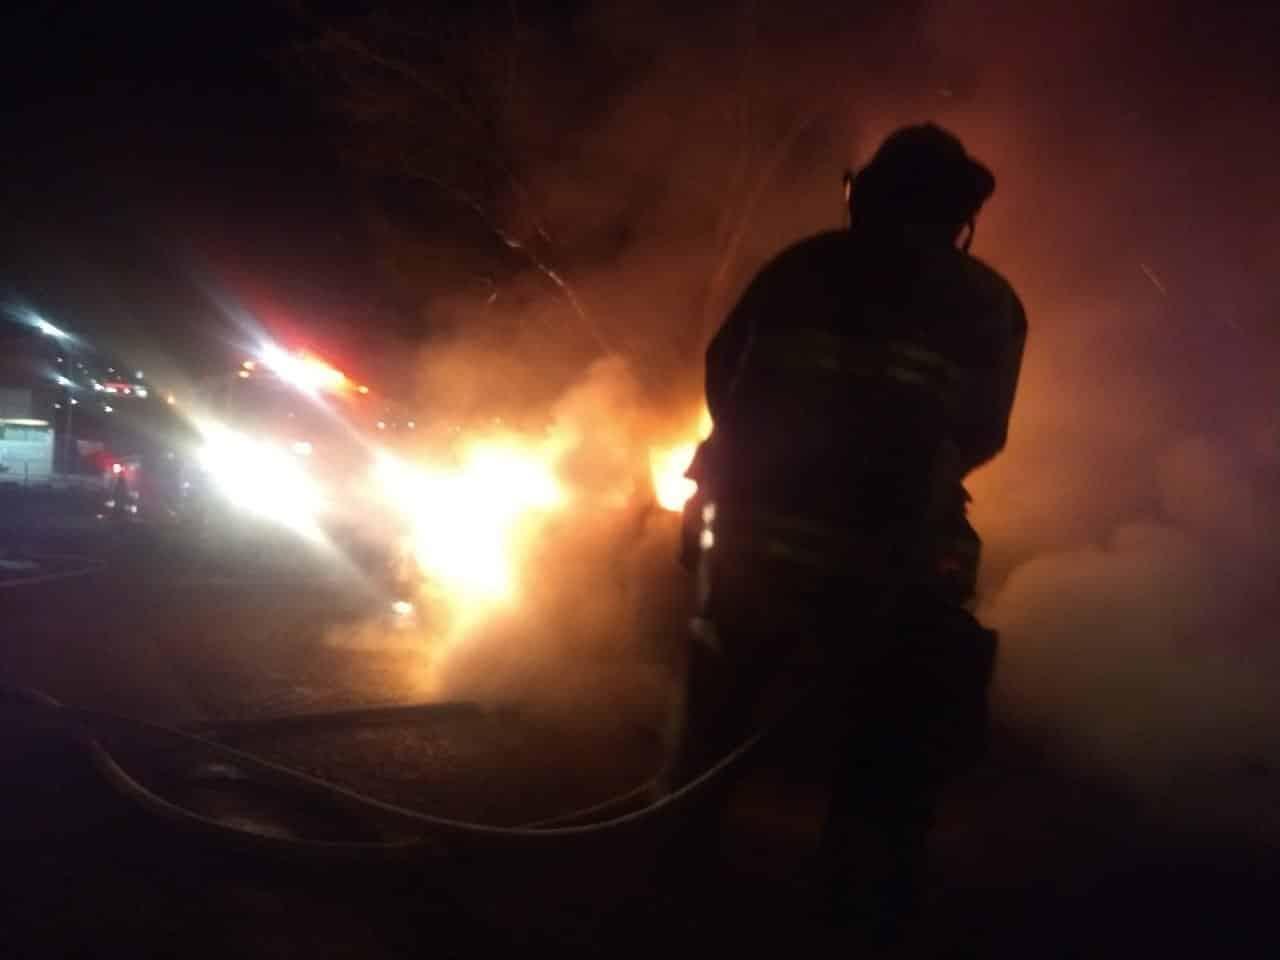 un hombre se dio a la fuga en otro auto junto con un cómplice luego de incendiar un auto